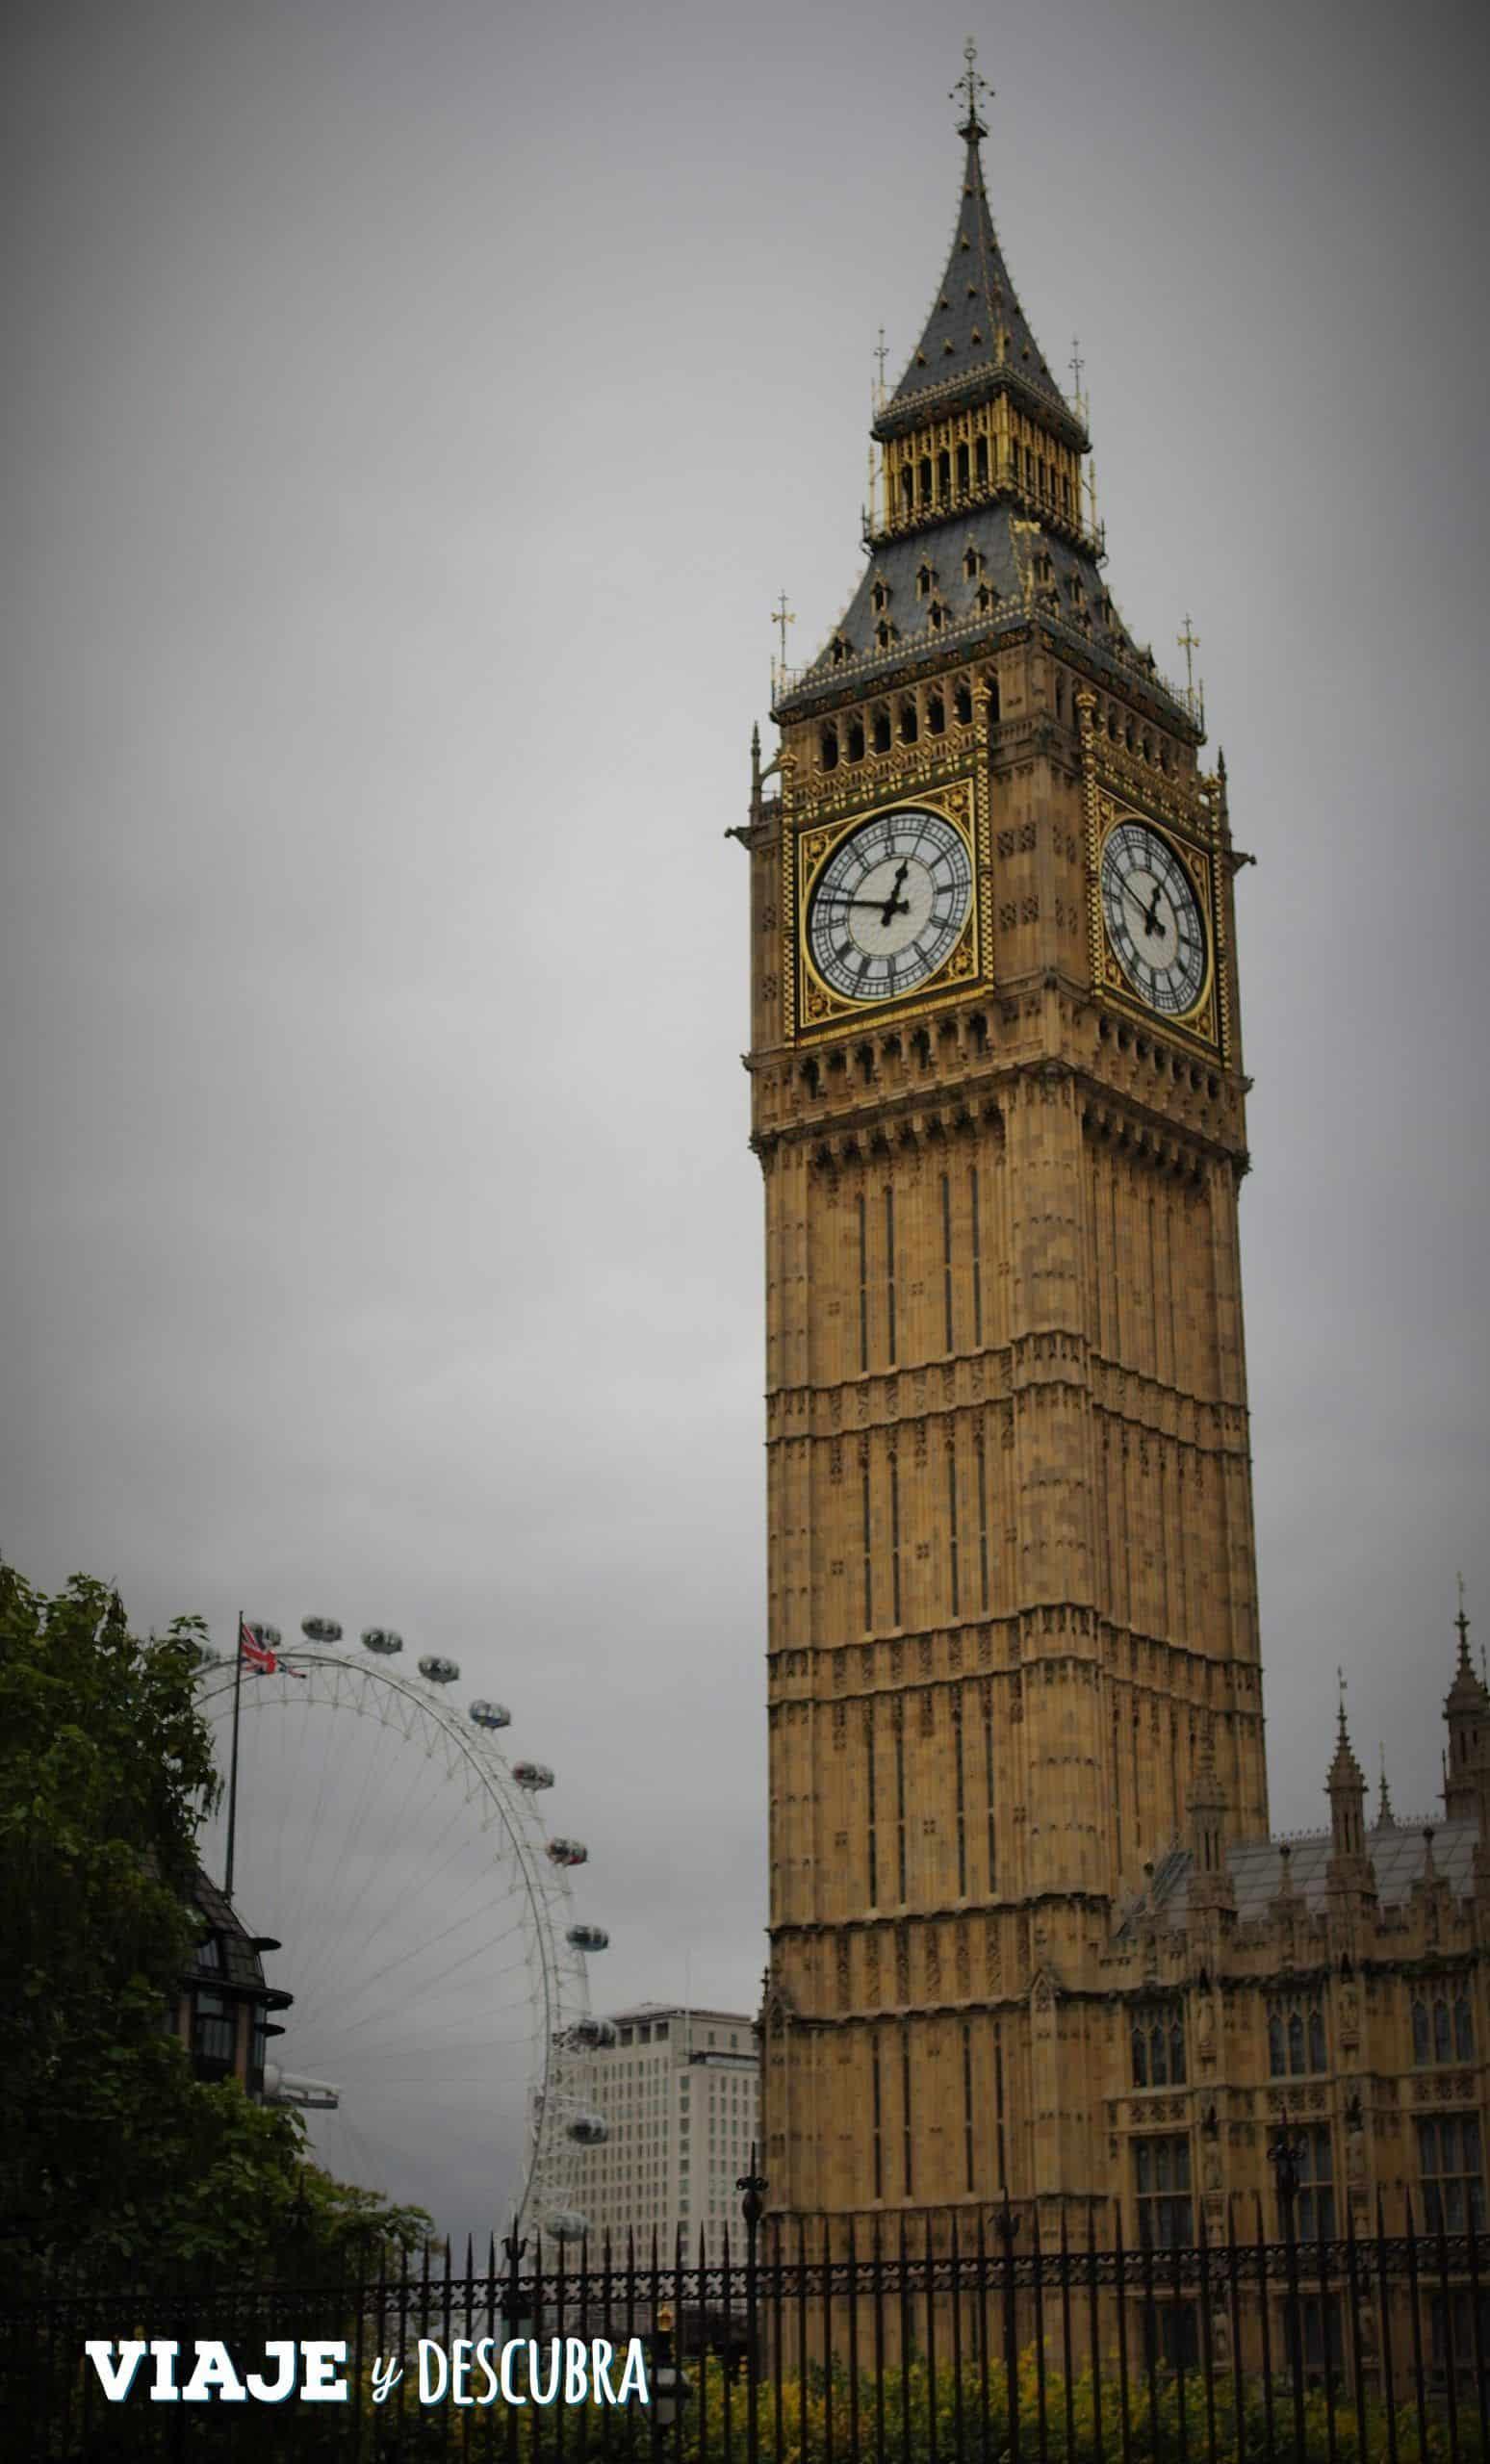 londres, london, imperdibles londres, big ben, parlamento, inglaterra, UK, reino unido, europa, europa con mochila